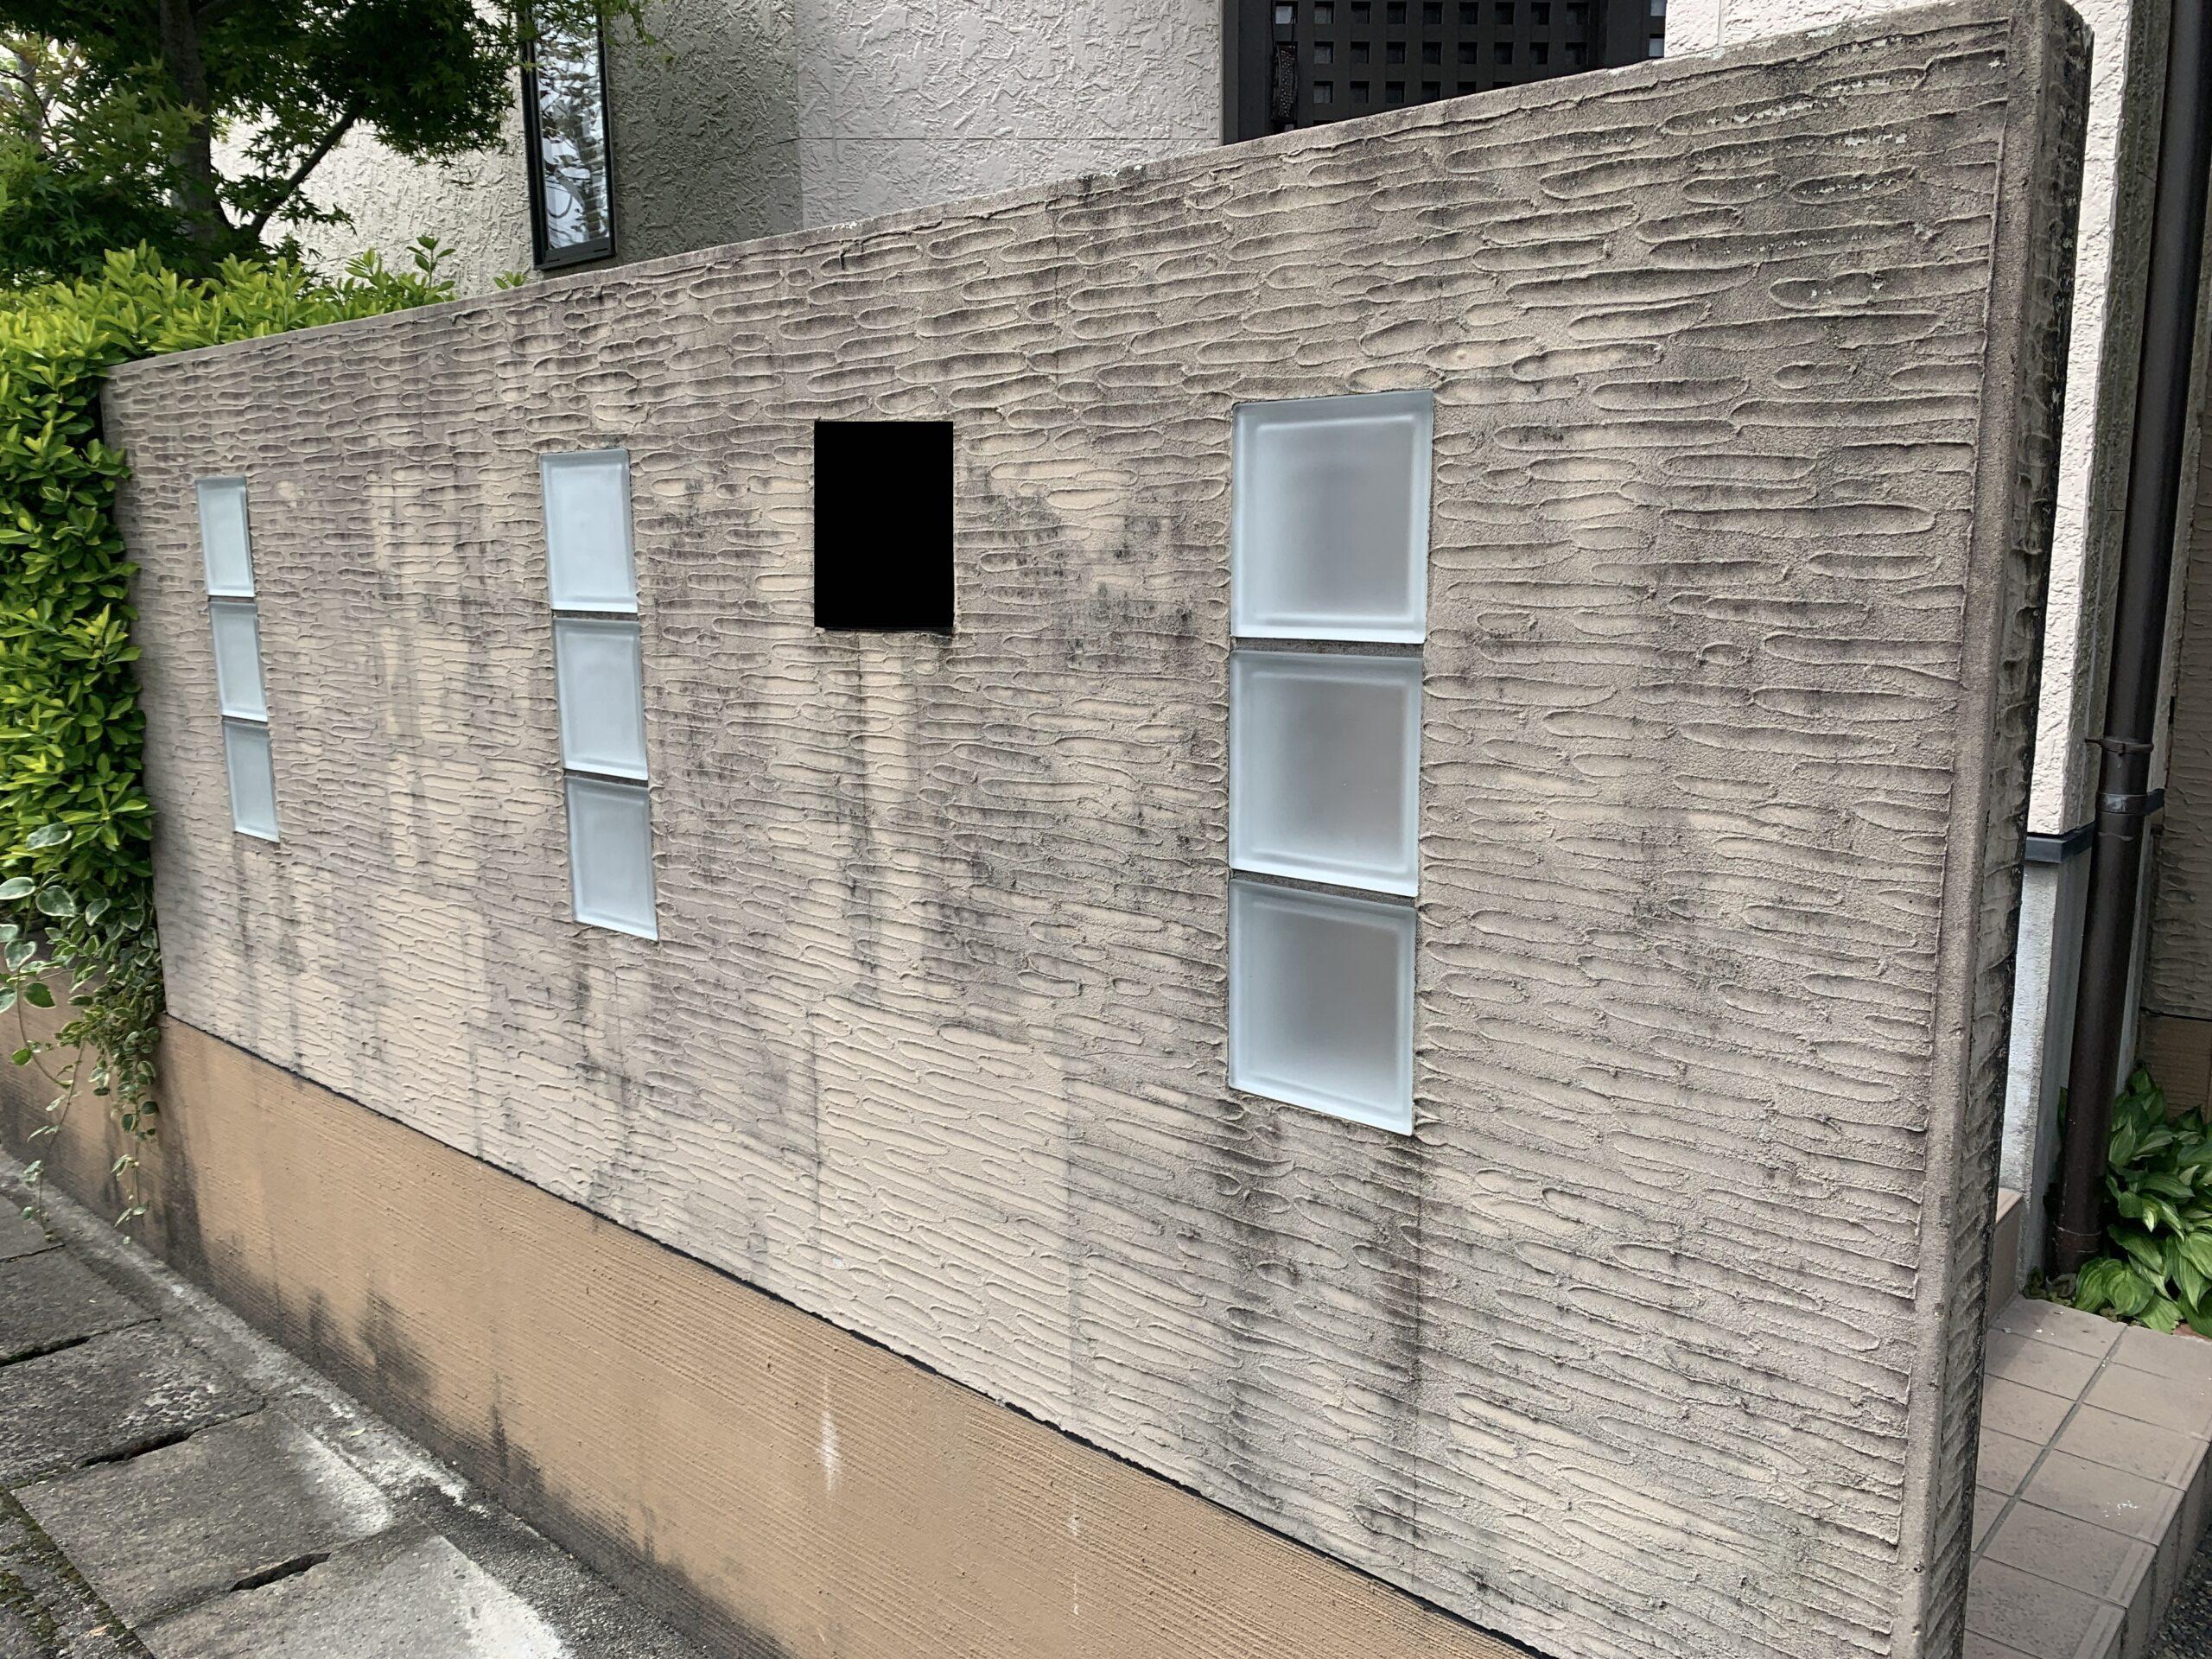 佐賀市 外壁塗装 サニー建設商事 サニケン さにけん 塀塗装 施工事例